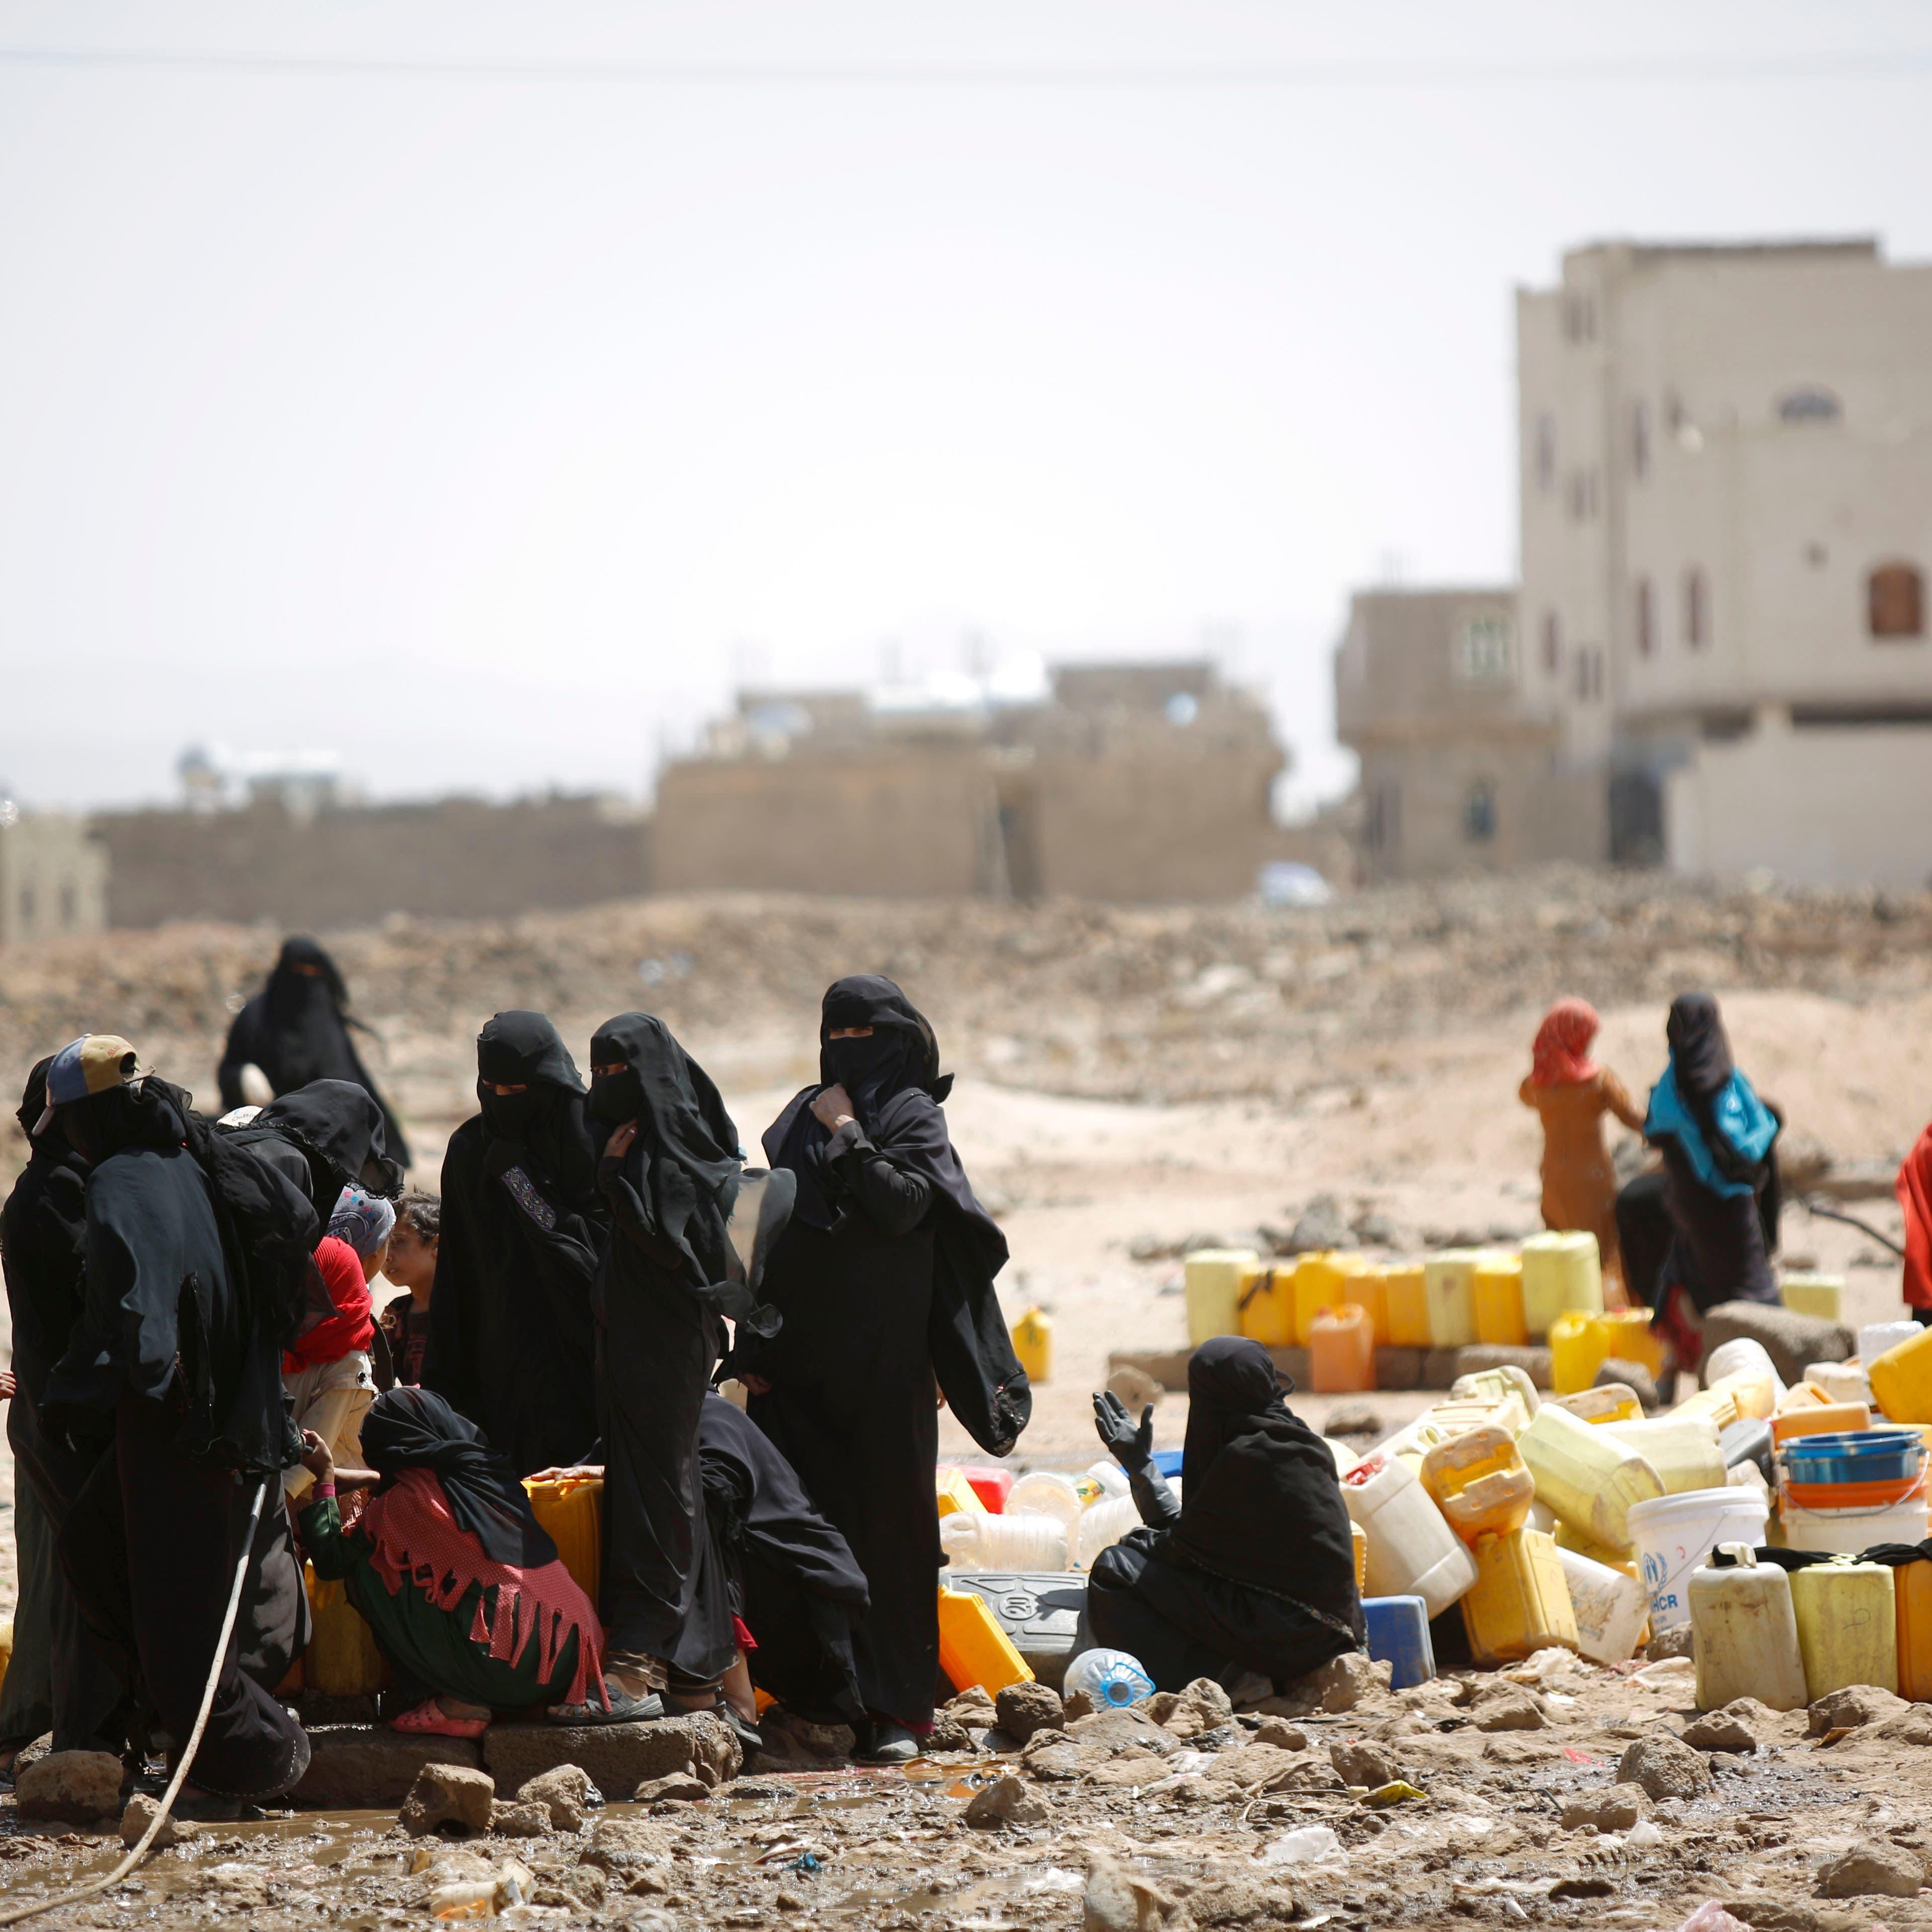 بسبب كورونا.. توقعات أممية بوفاة 48 ألف امرأة باليمن